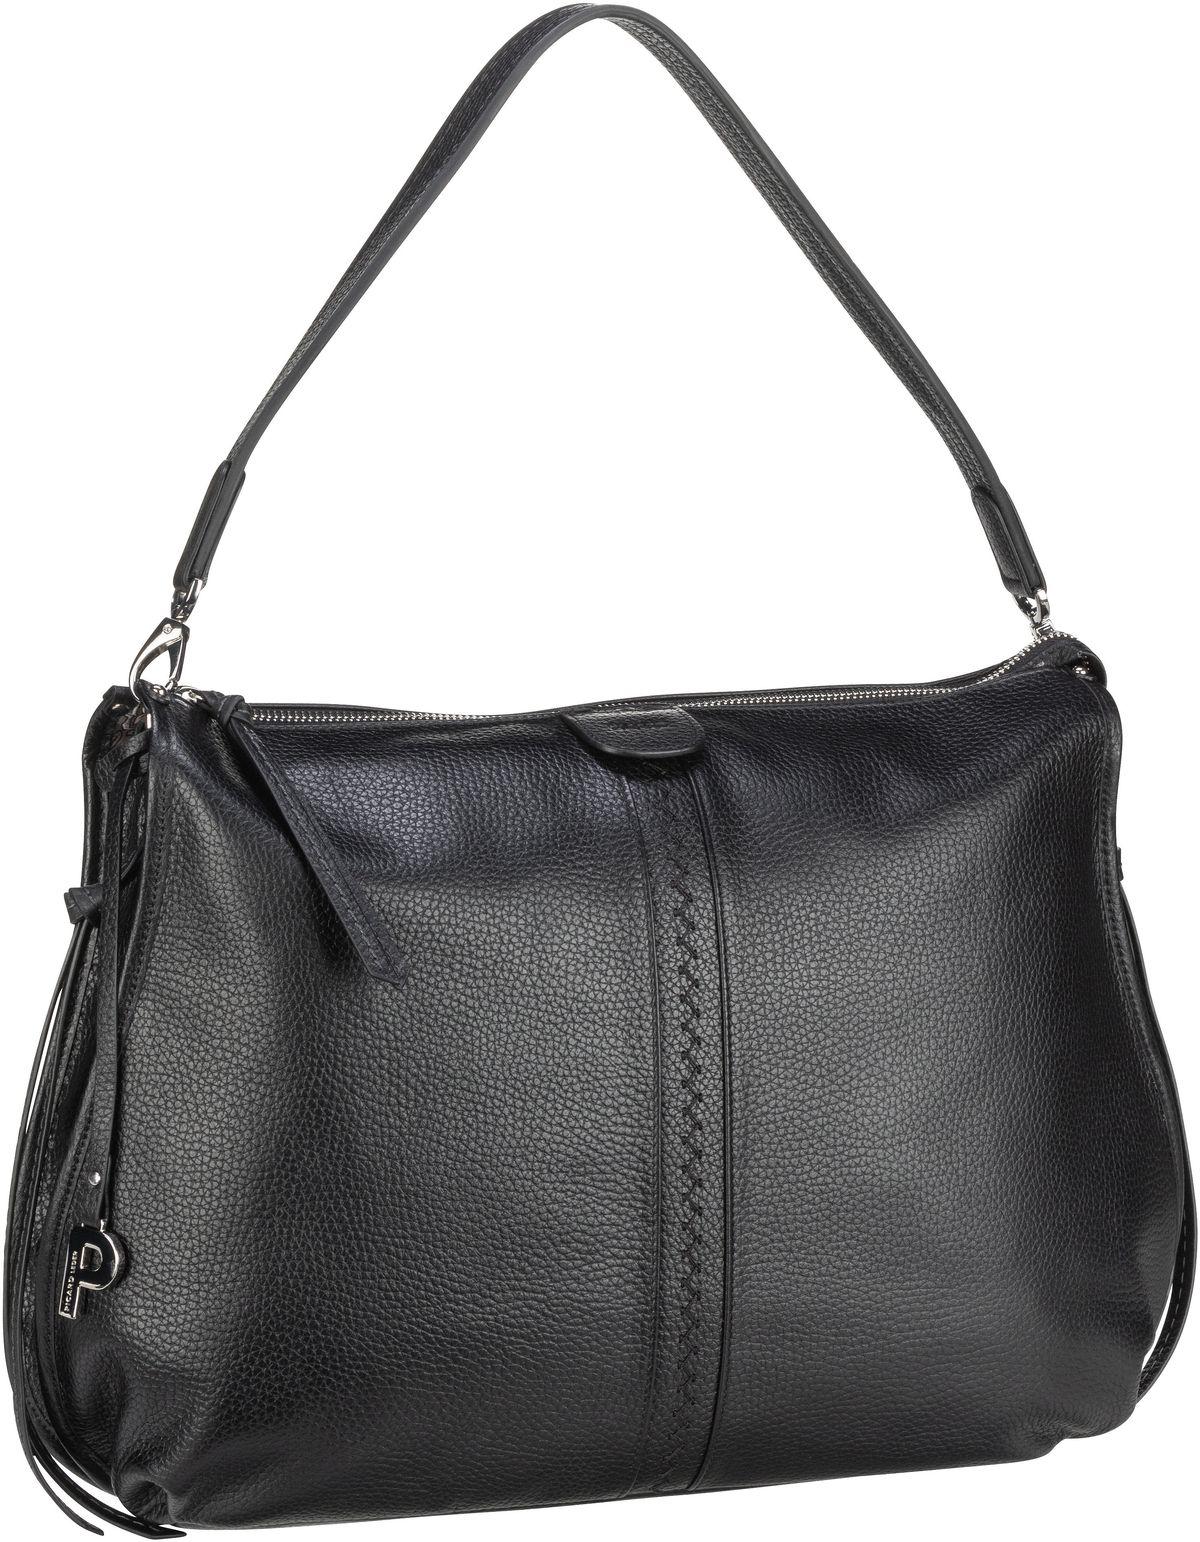 Handtasche Squaw 9926 Schwarz